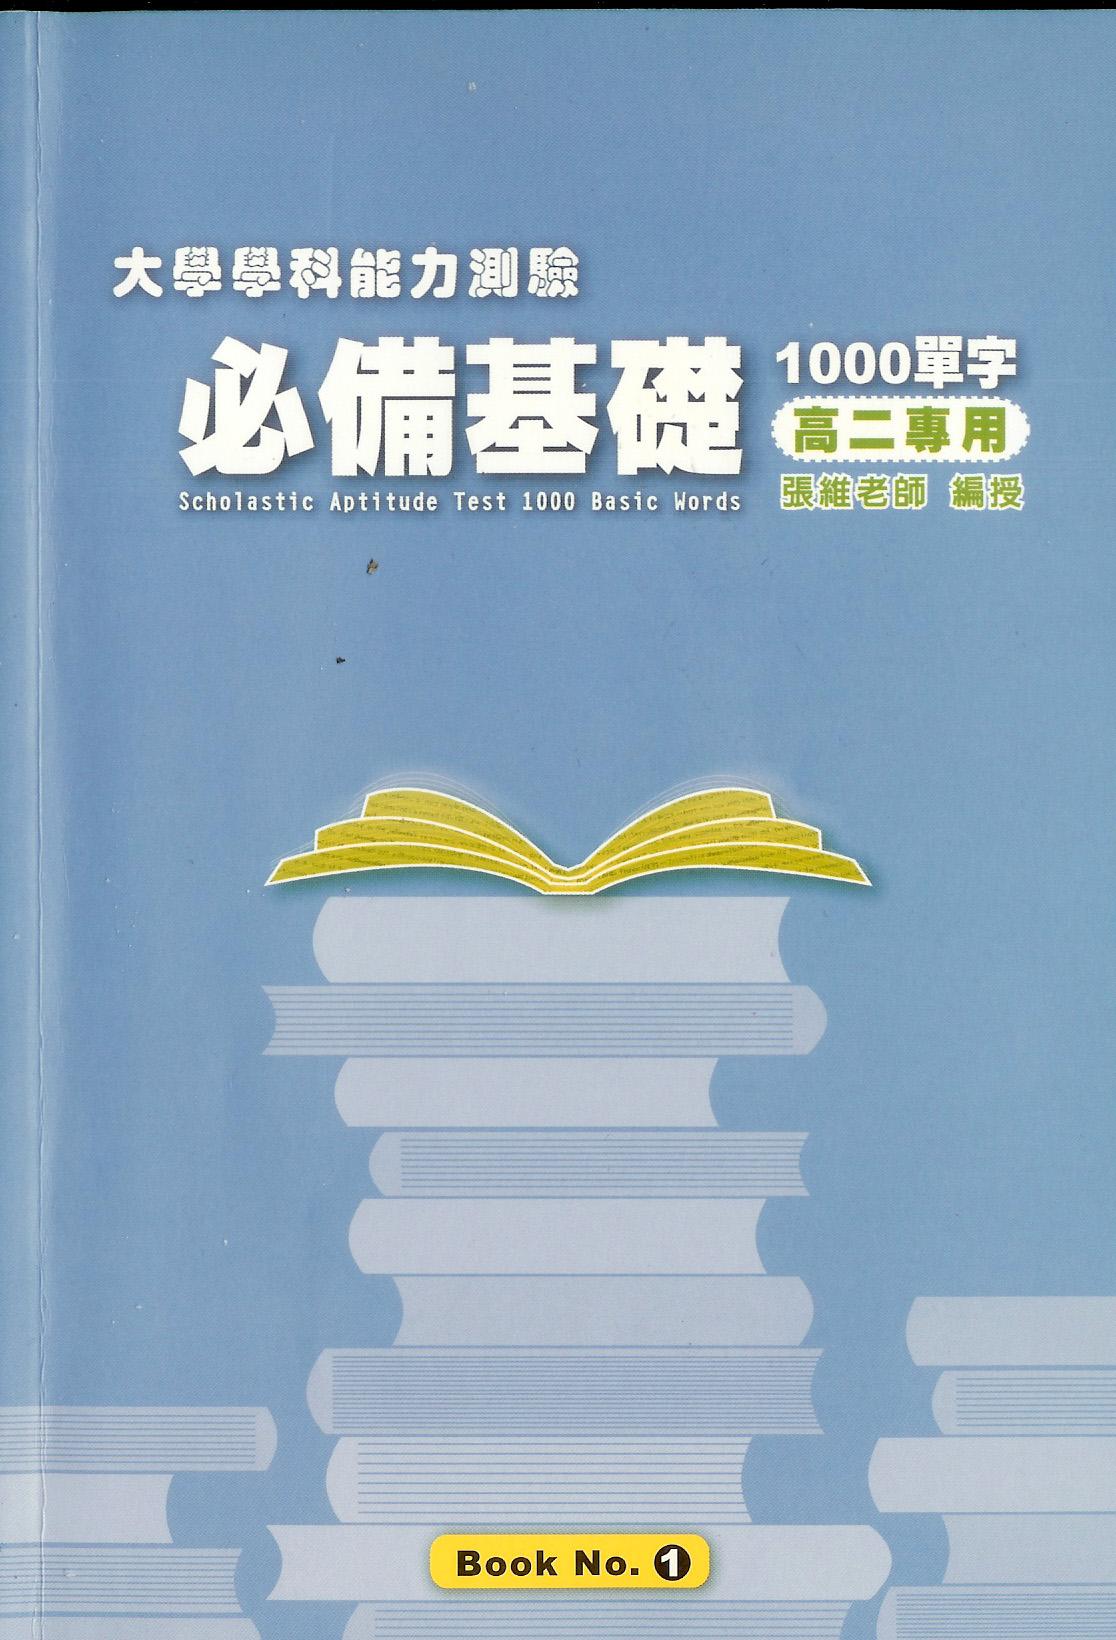 大學學科能力測驗必備基礎1000單字(1)